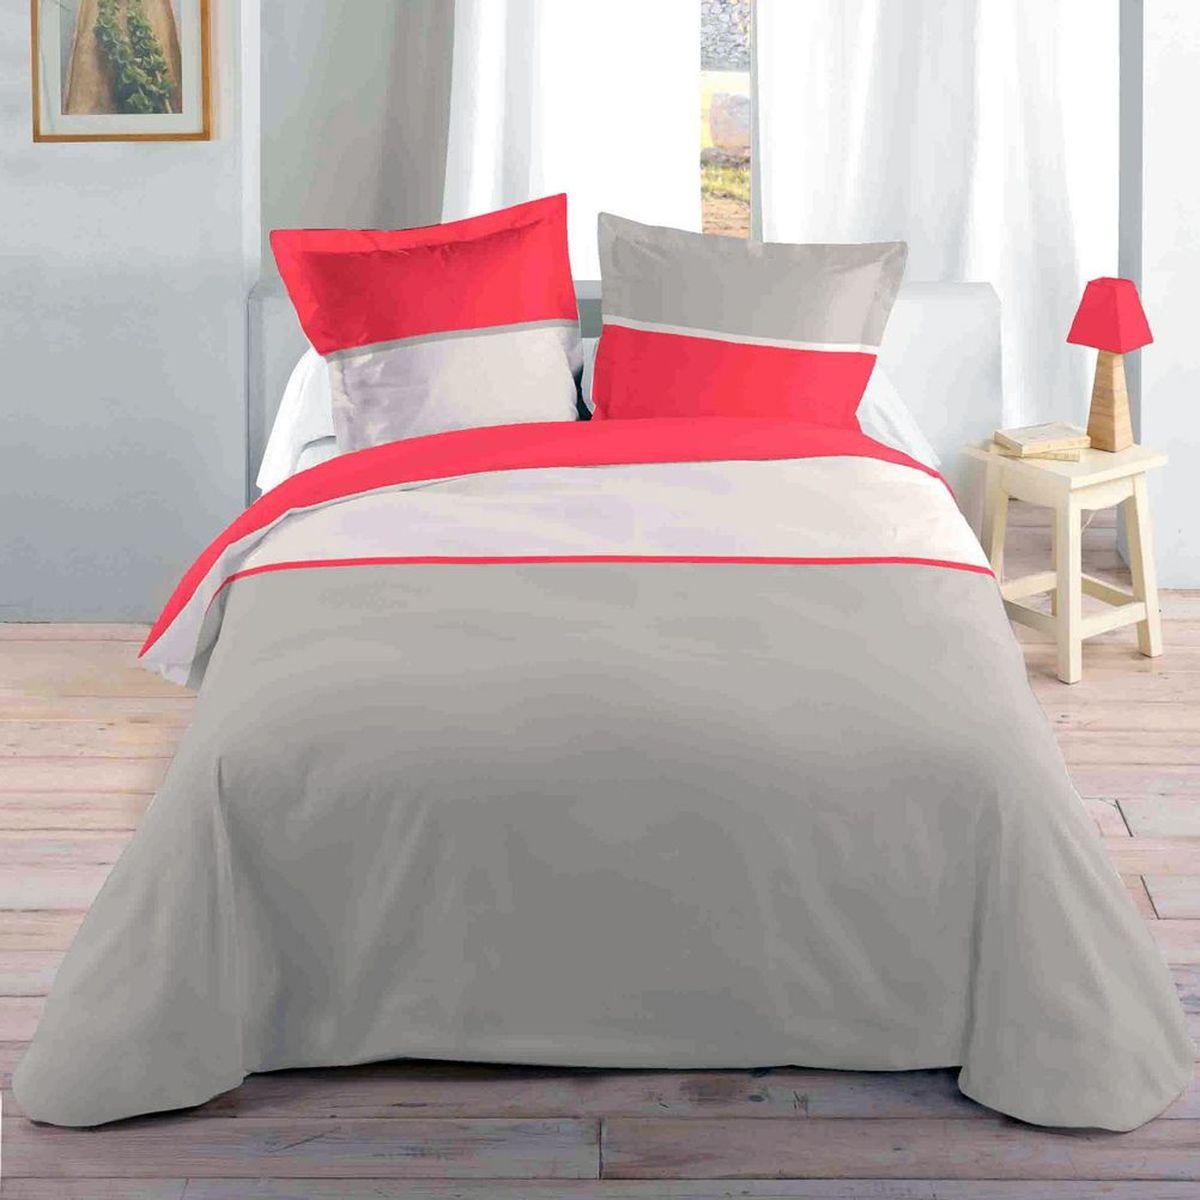 housse de couette parure de lit housse de couette housse de couette couleur corail et beige 2 taies. Black Bedroom Furniture Sets. Home Design Ideas